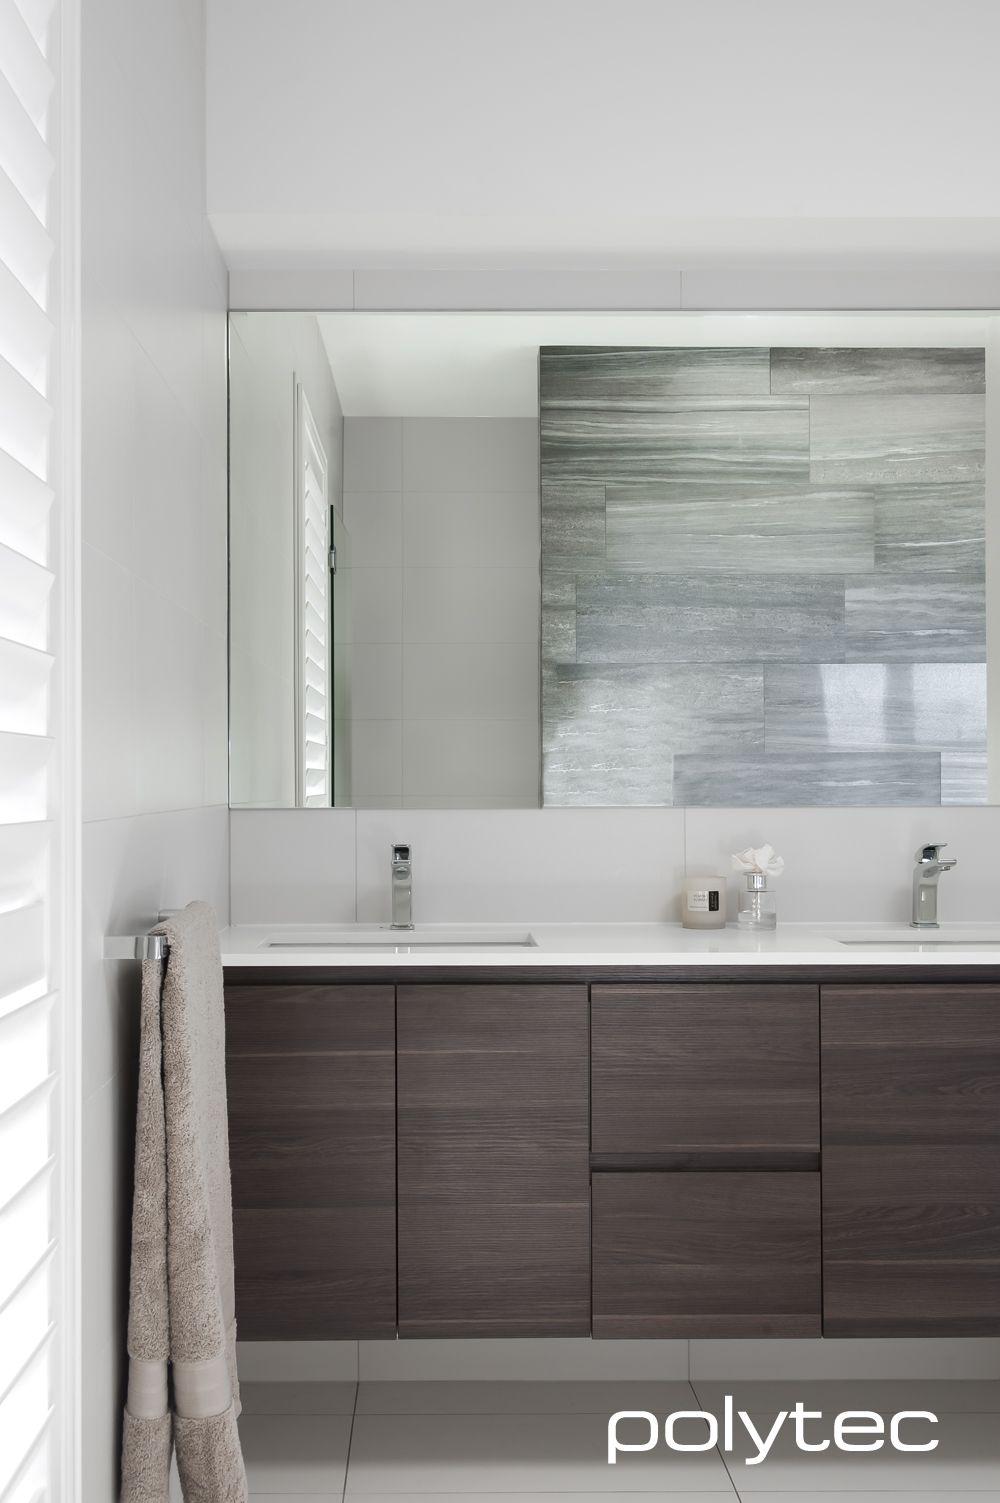 polytec vanity in ravine cafe oak modern bathroom design bathroom vanity in cafe oak ravine